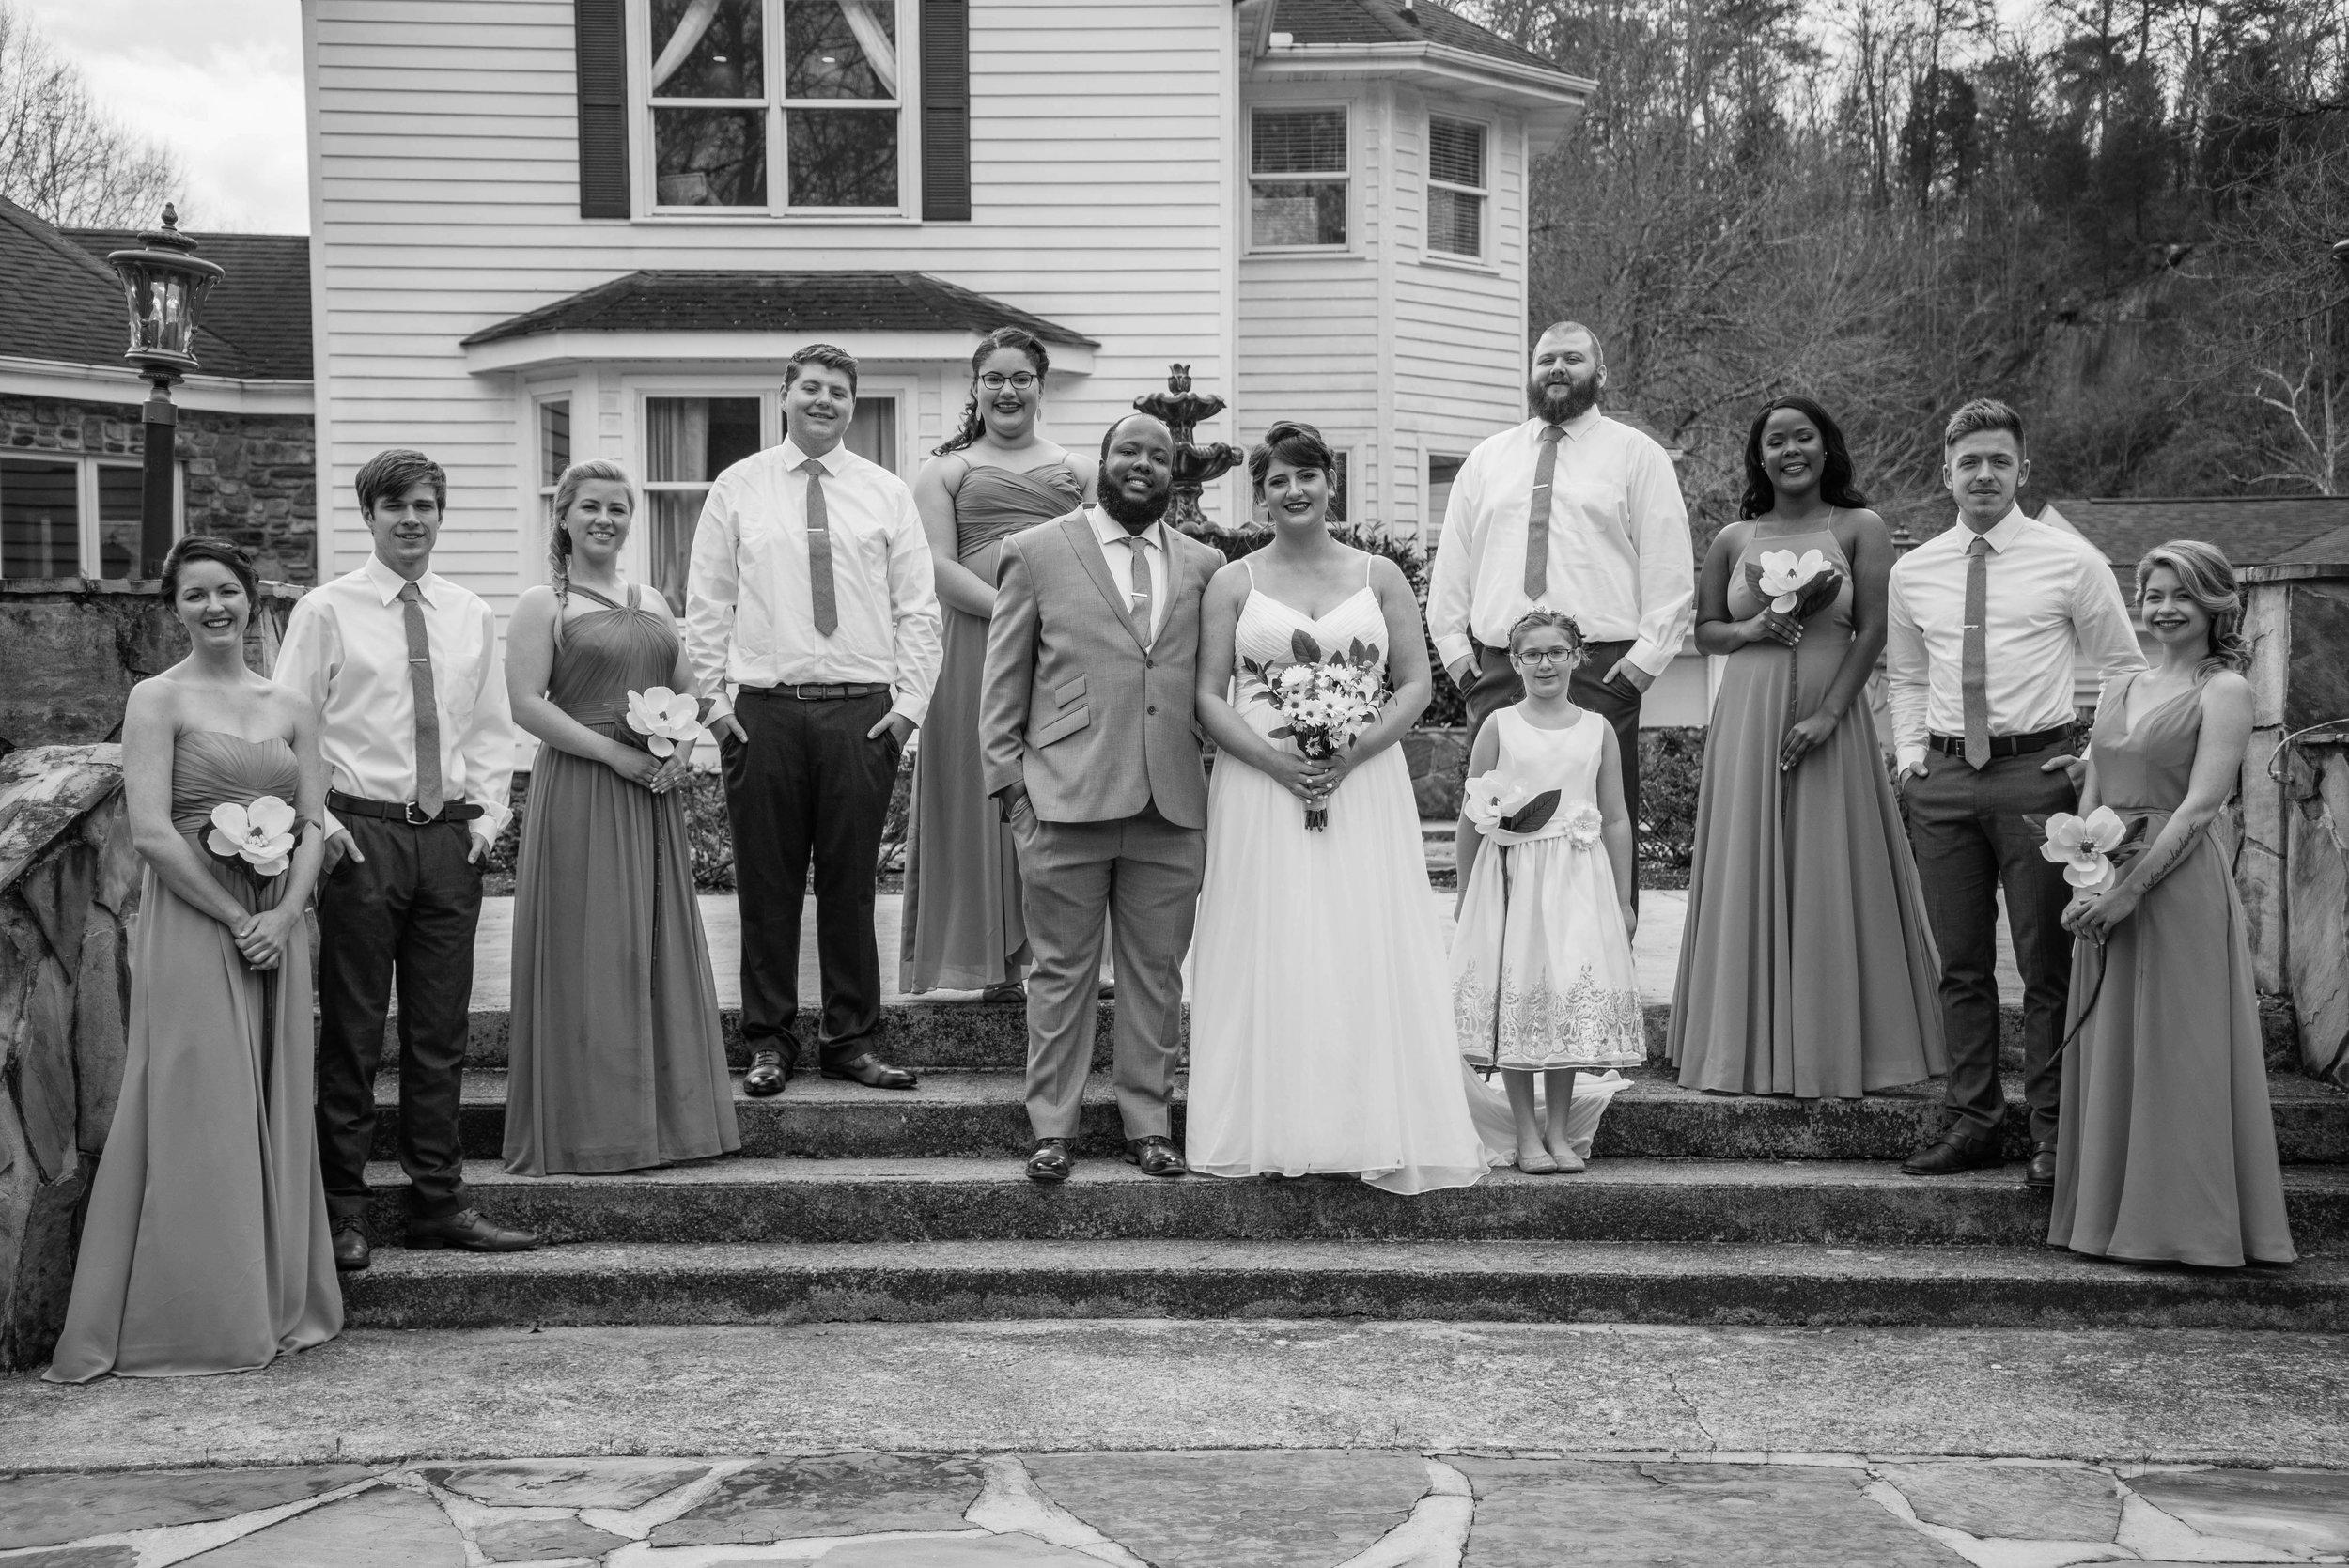 weddingpartyb&w-022.jpg